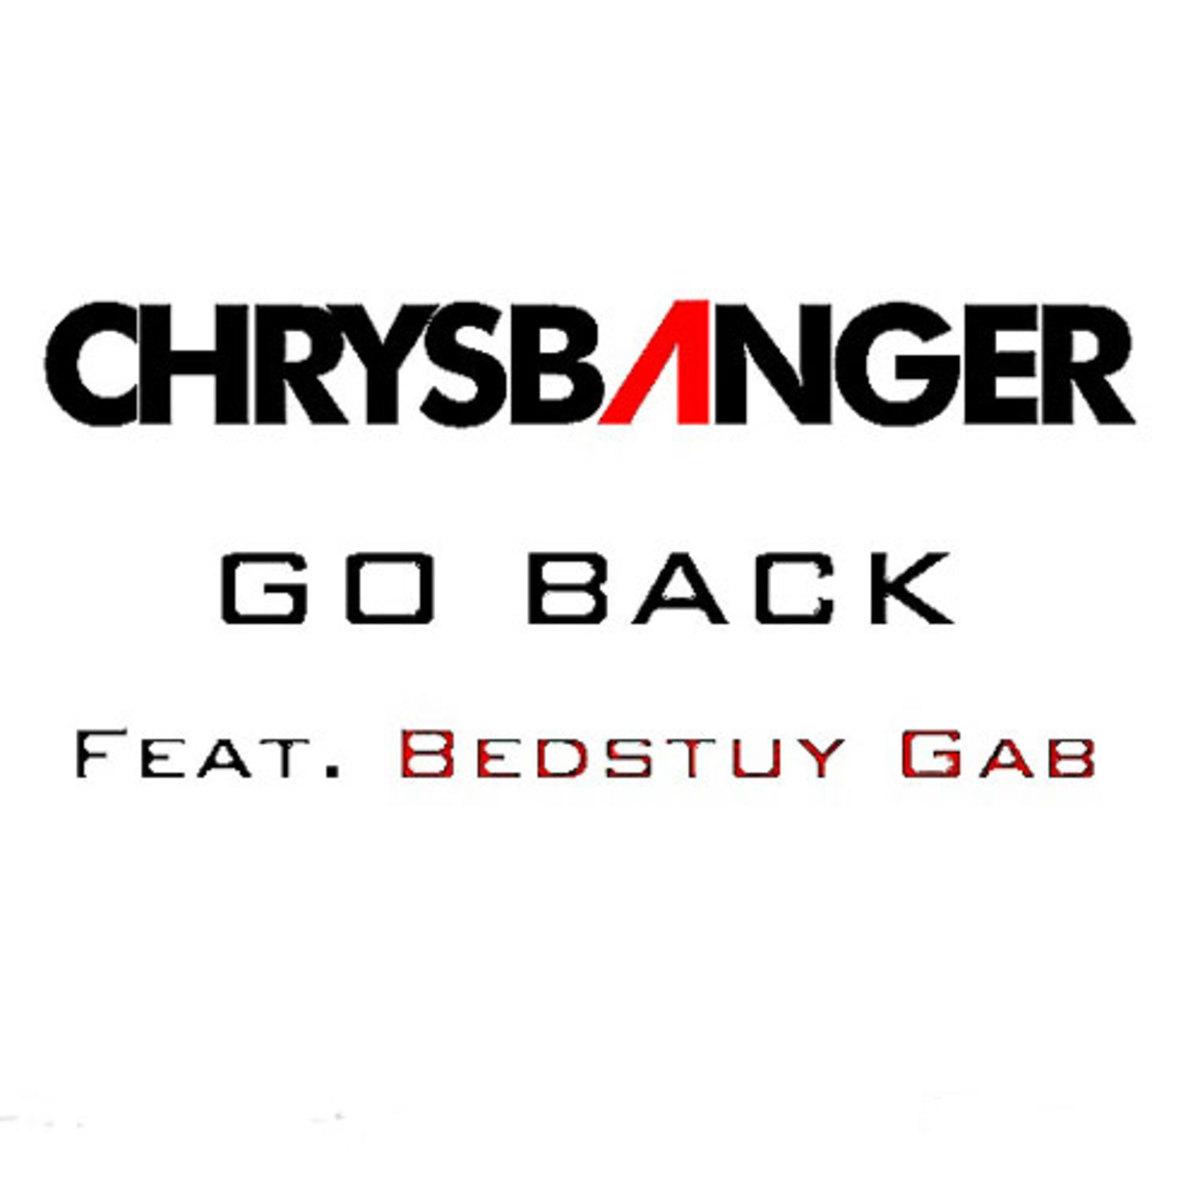 chrysbanger-goback.jpg